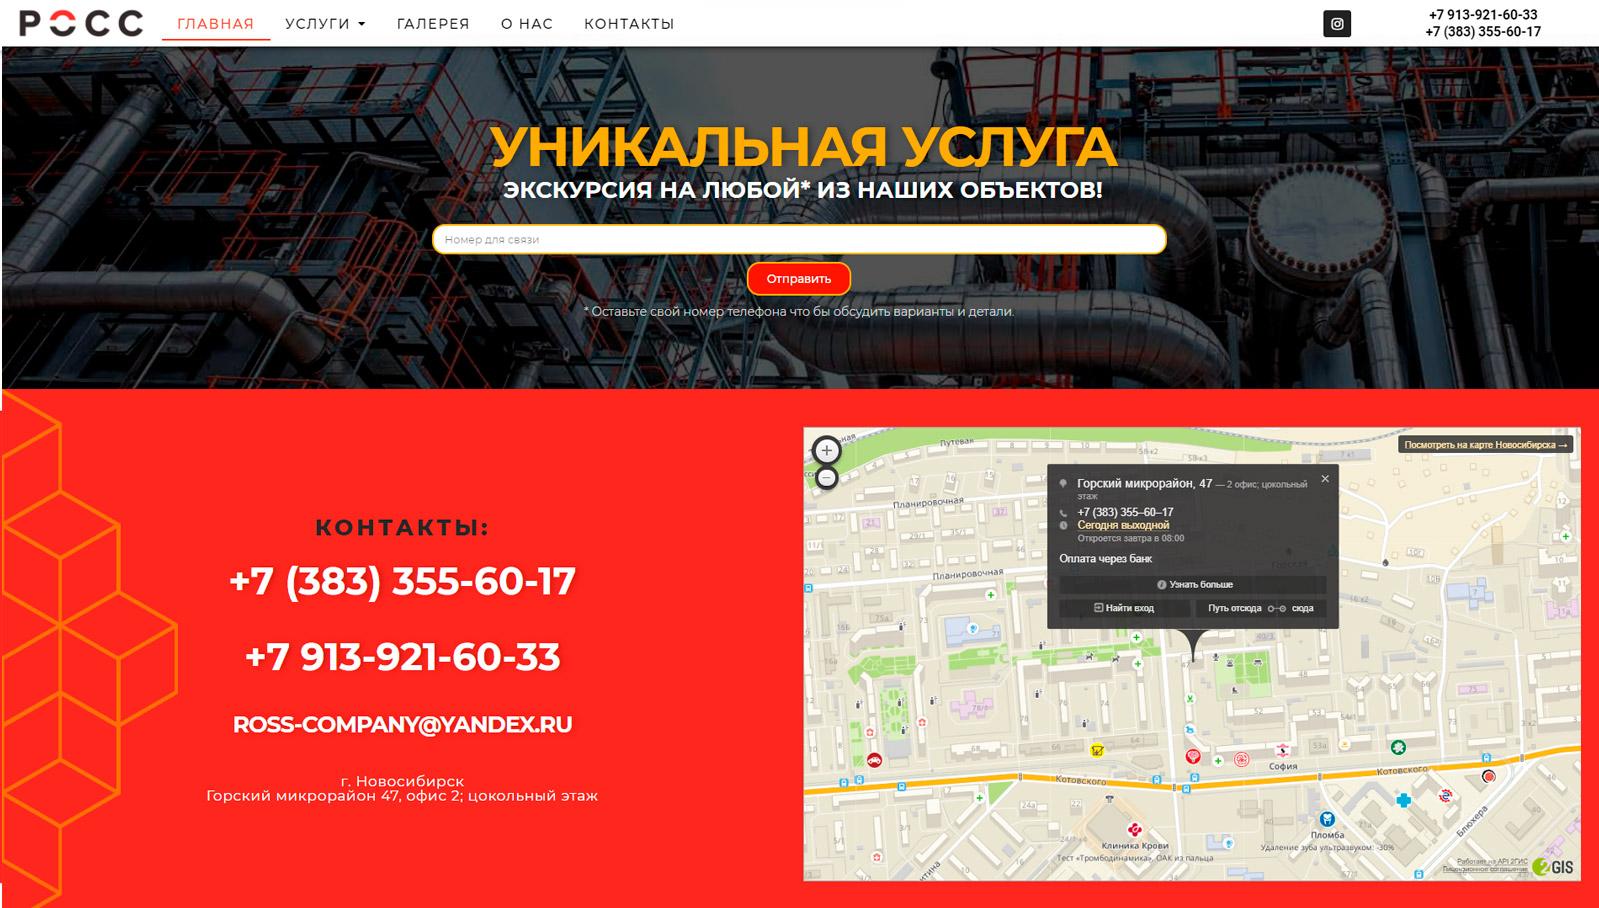 SPS_sajt_ross_avtomatizaciya5